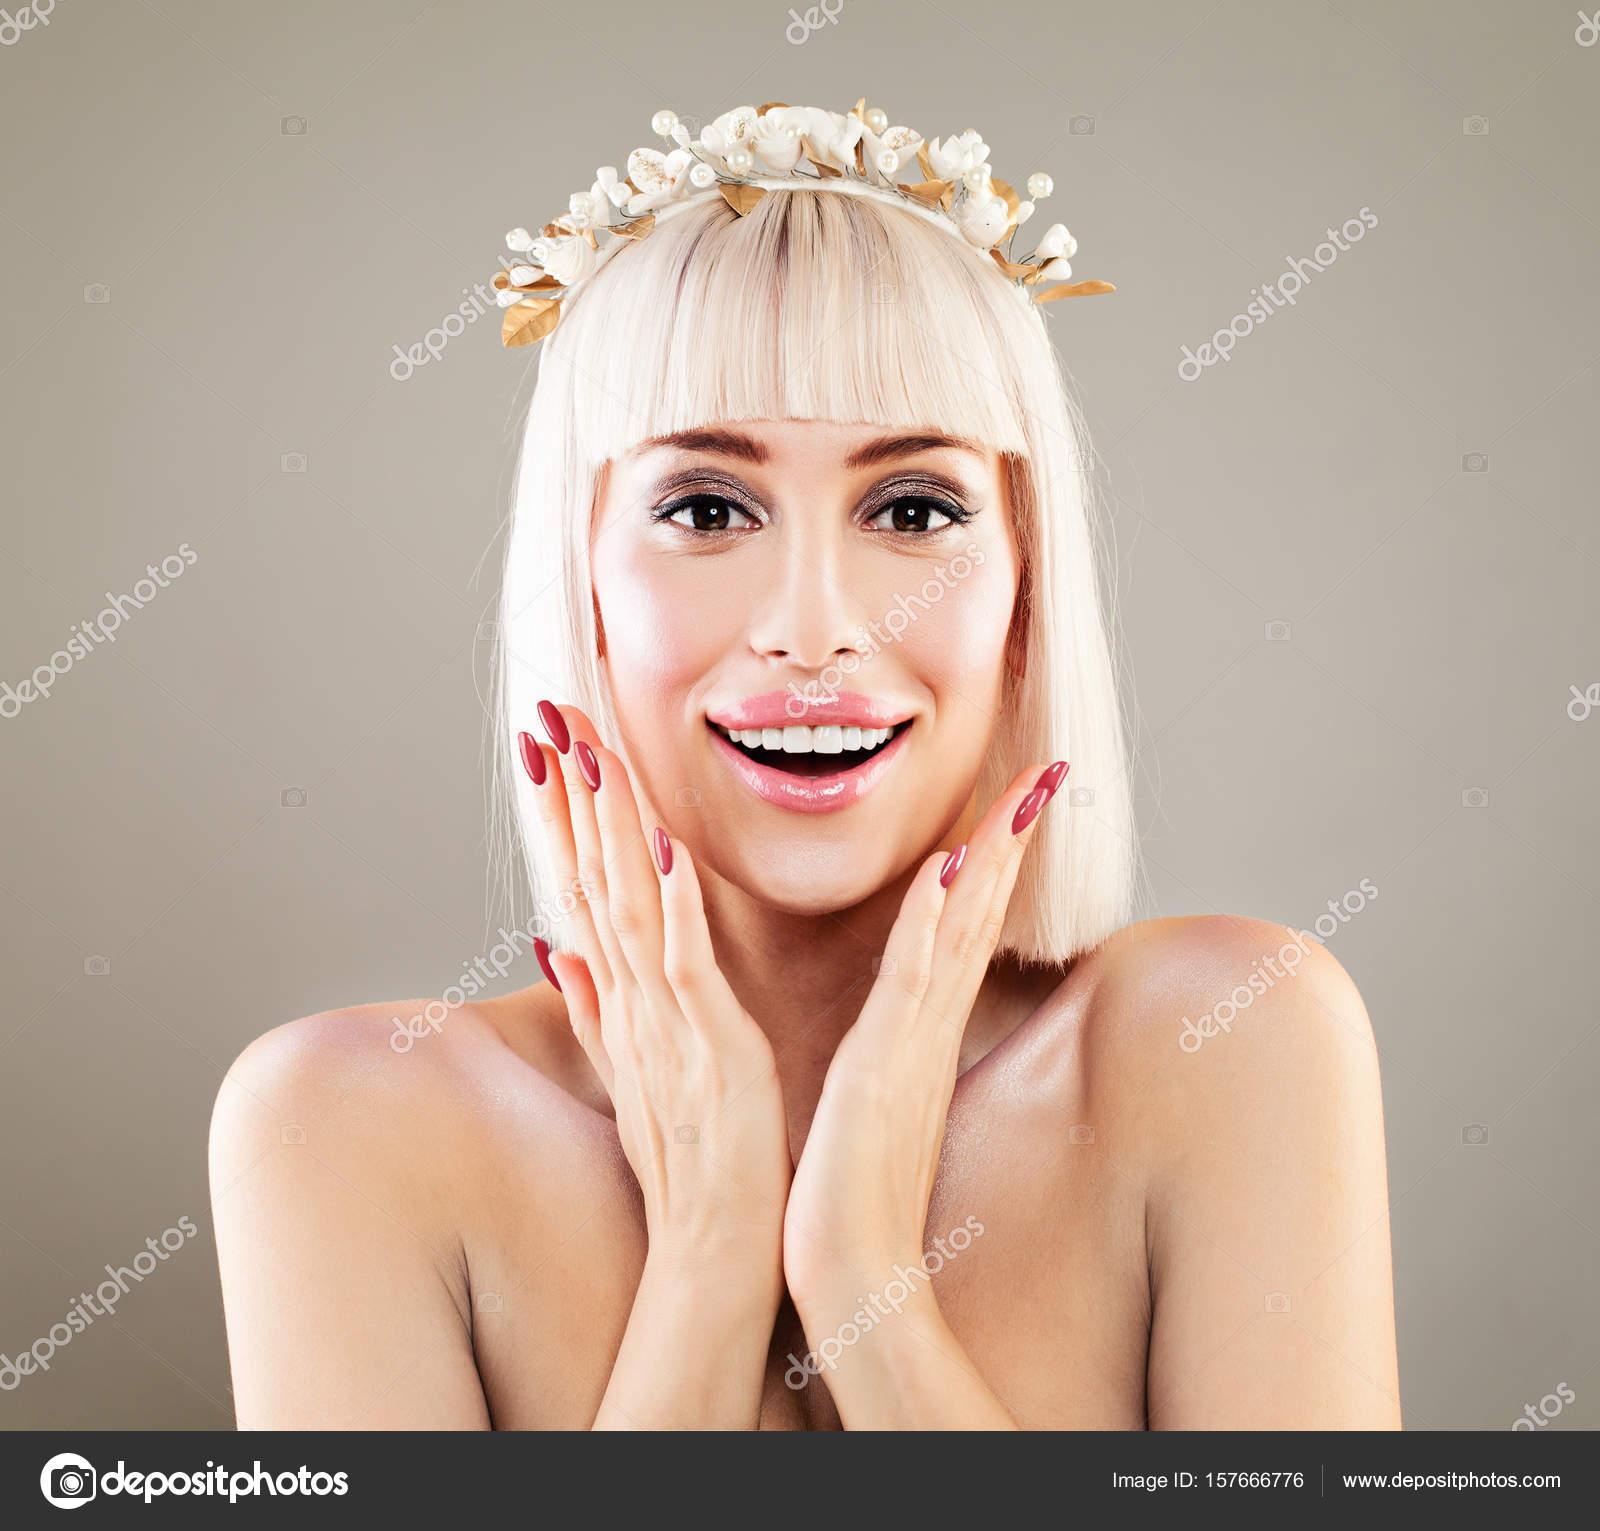 glückliches Gesicht kopieren und einfügen